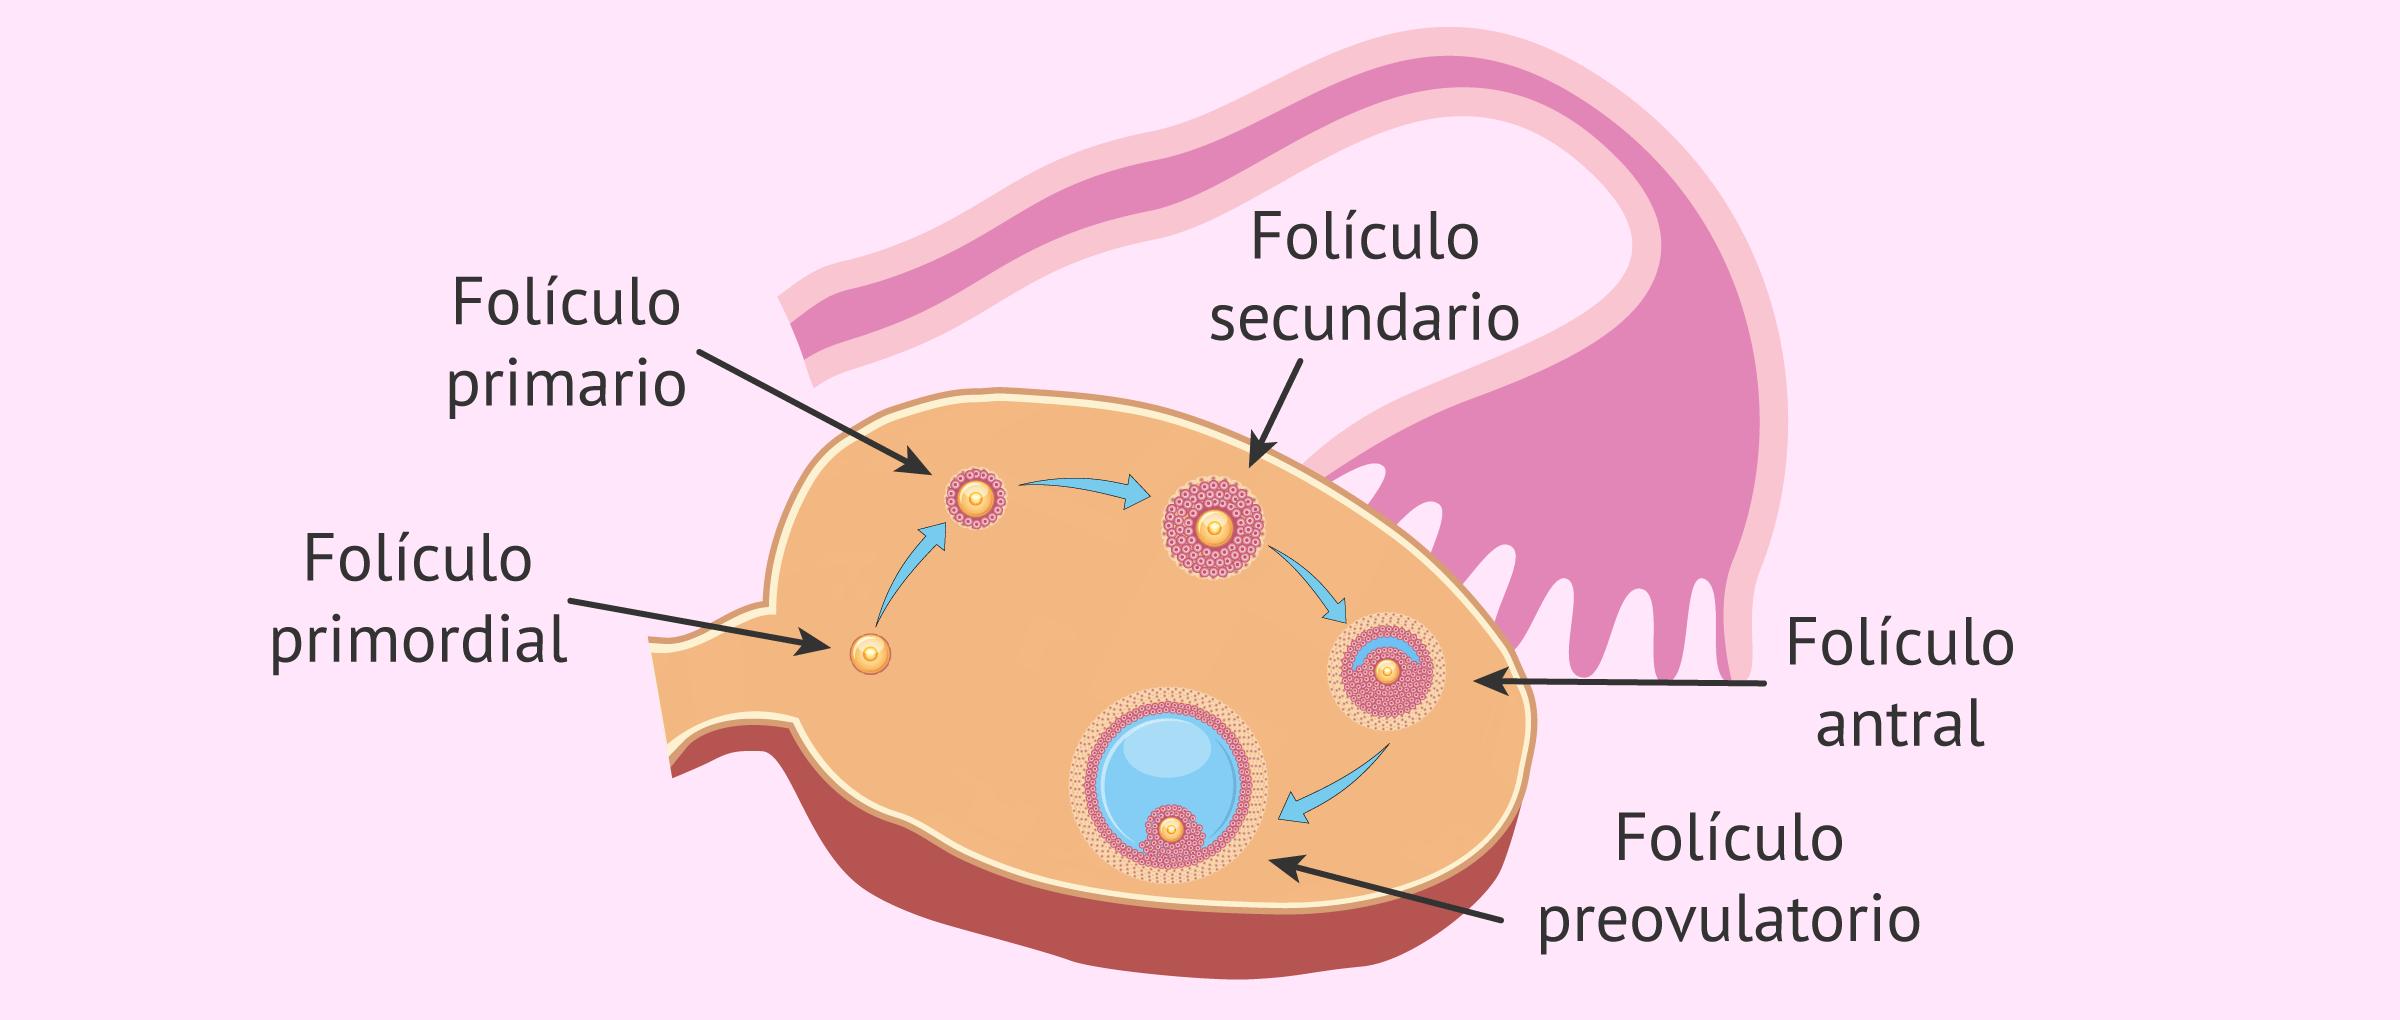 Desarrollo de los folículos ováricos